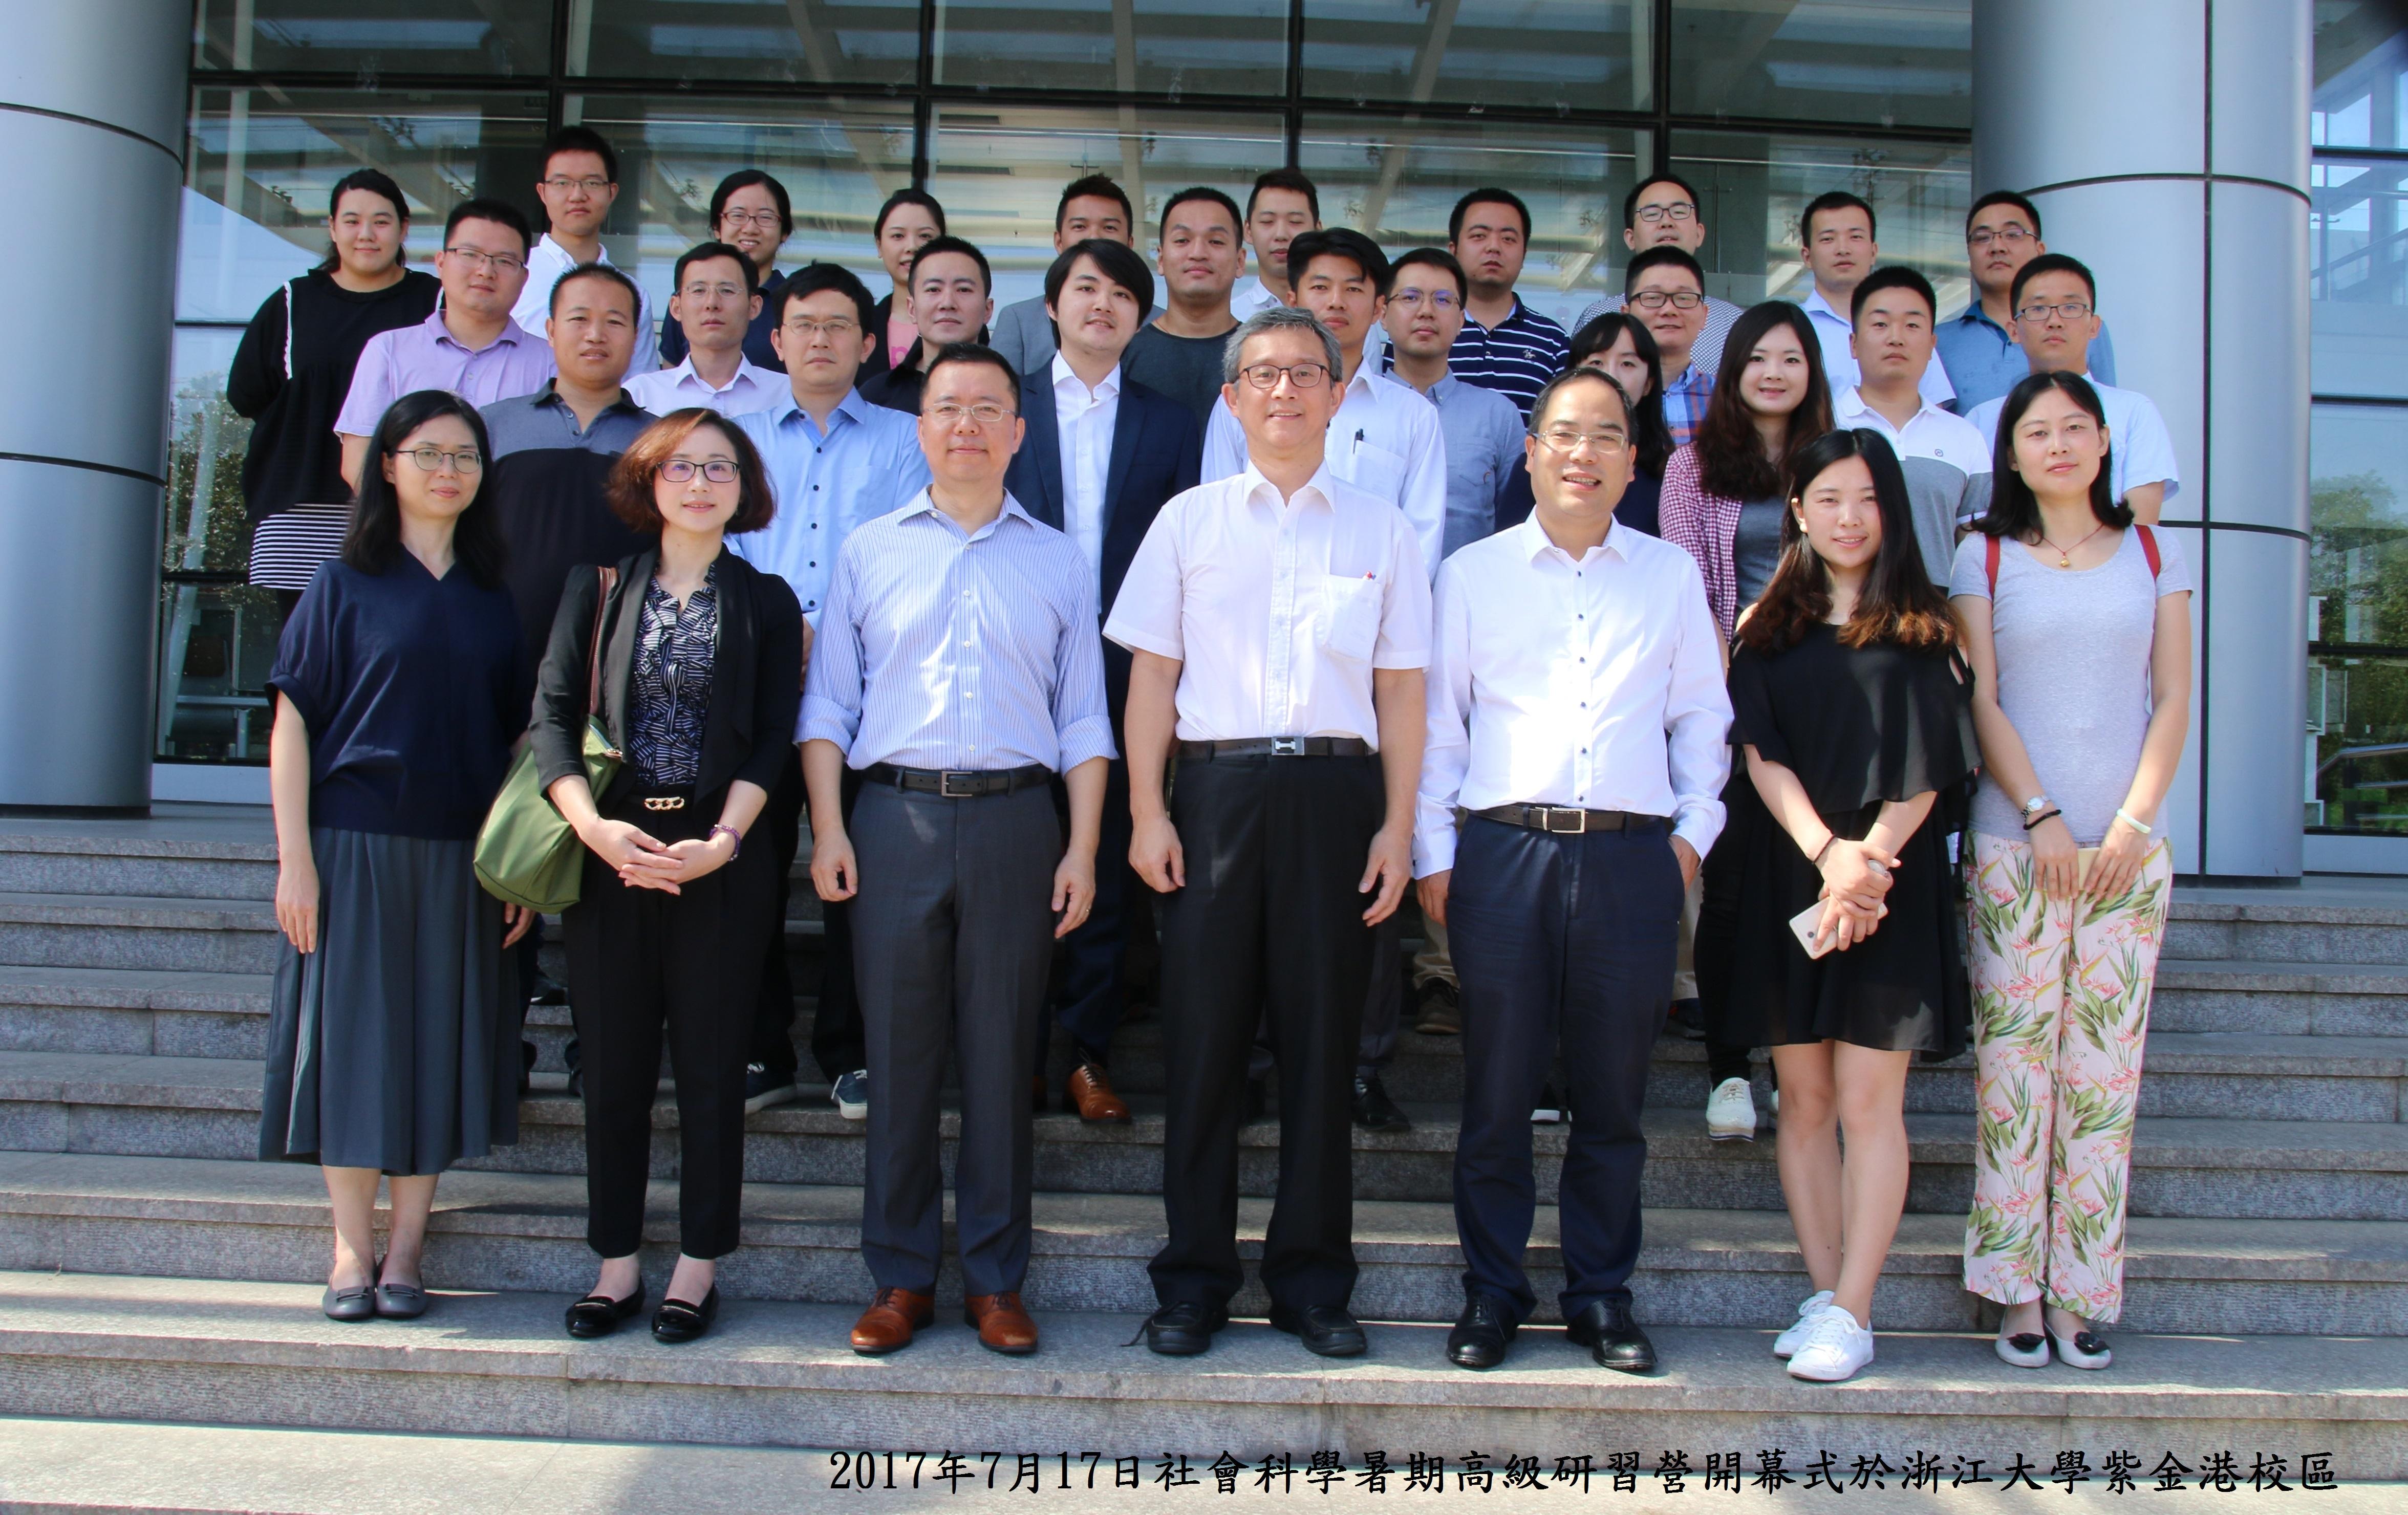 20170717第六屆兩岸社會科學研習營:「當代社會治理的新進展」